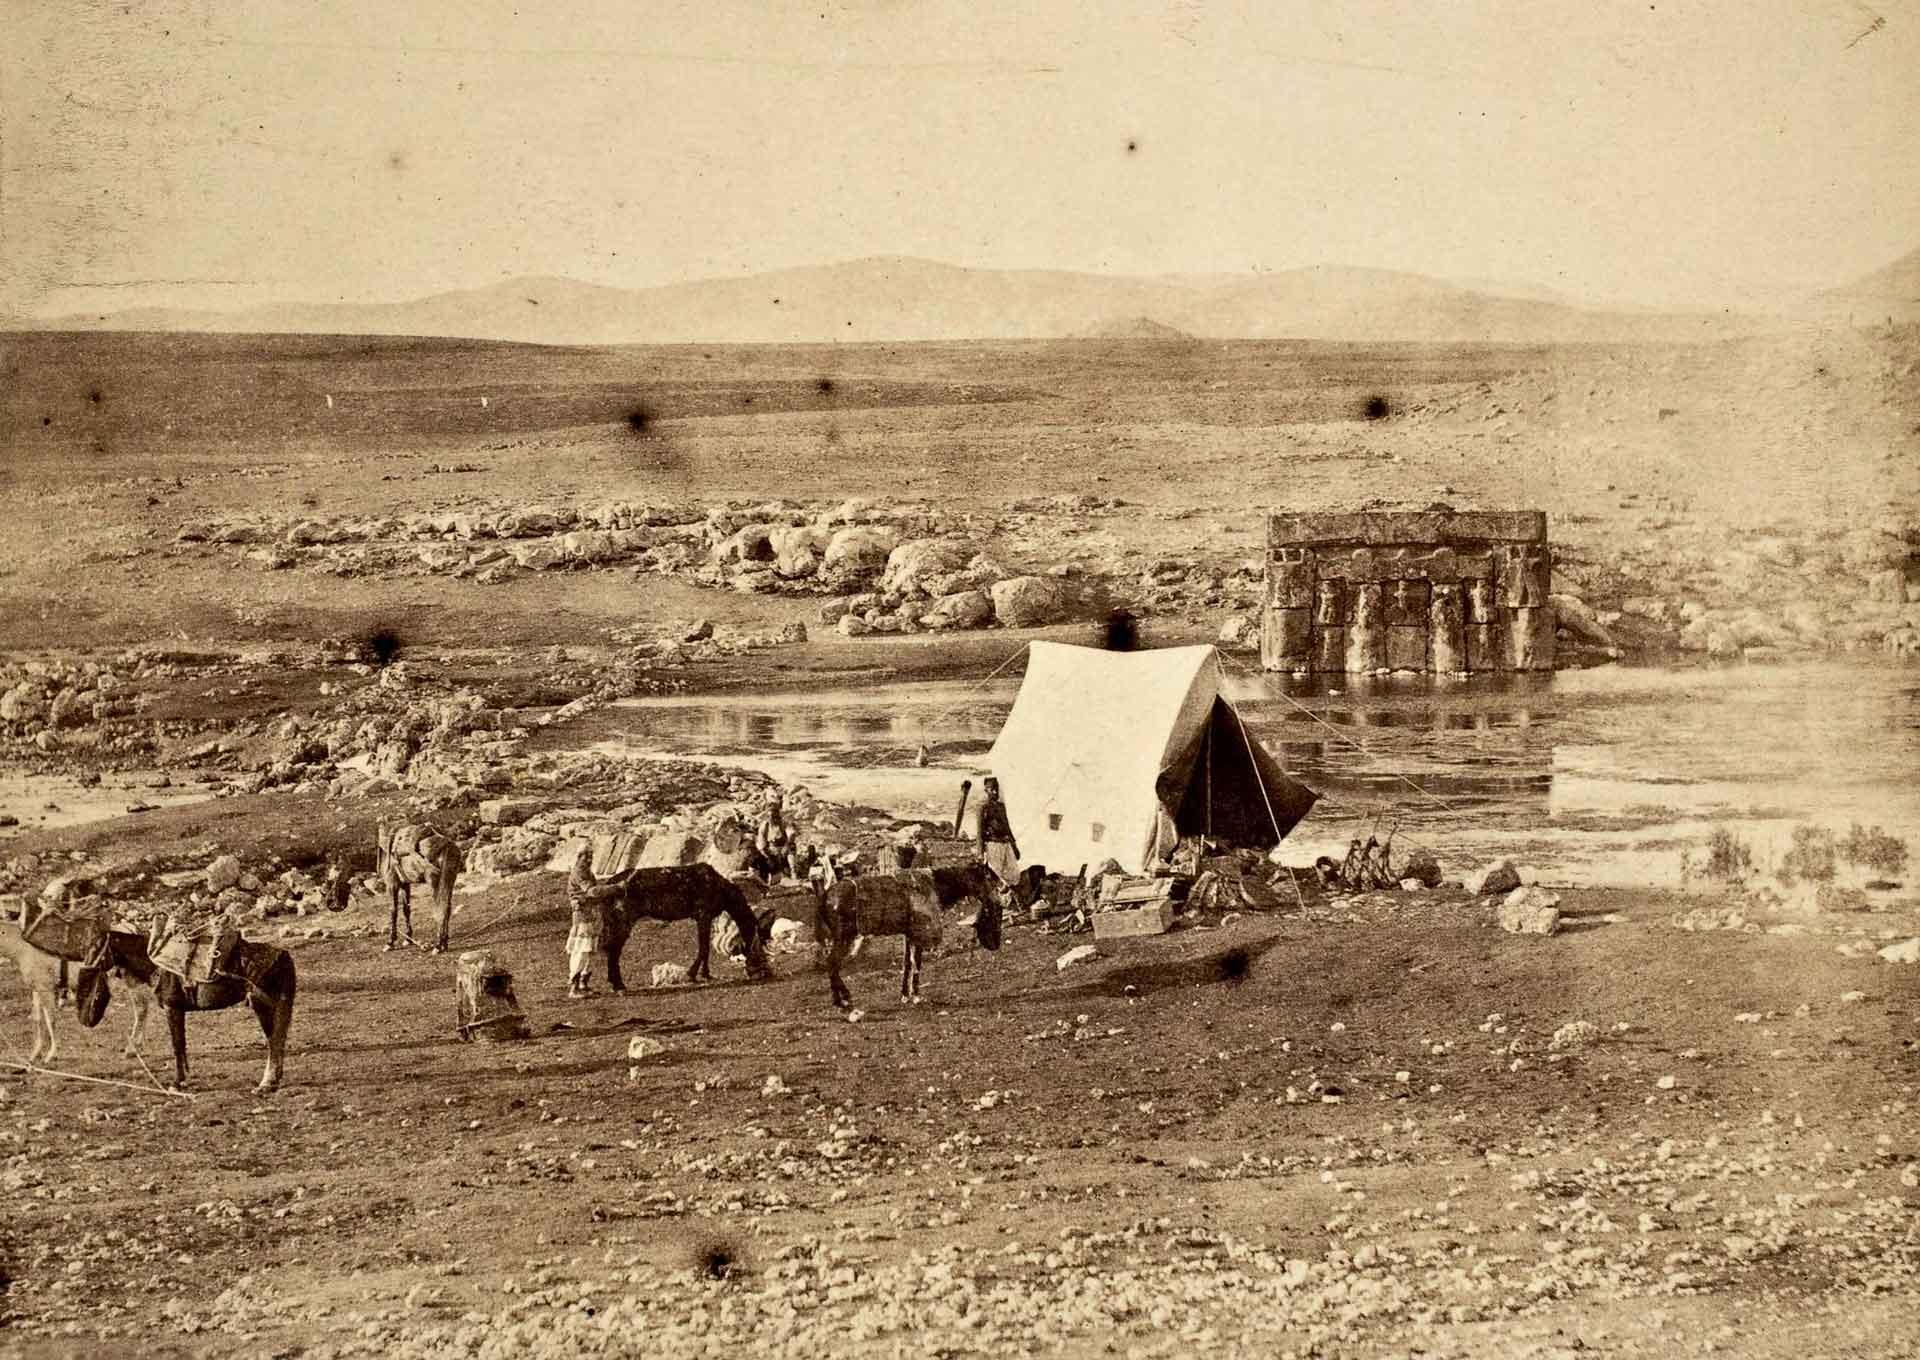 John Henry Haynes Eflatunpınar Fotoğrafı 1887